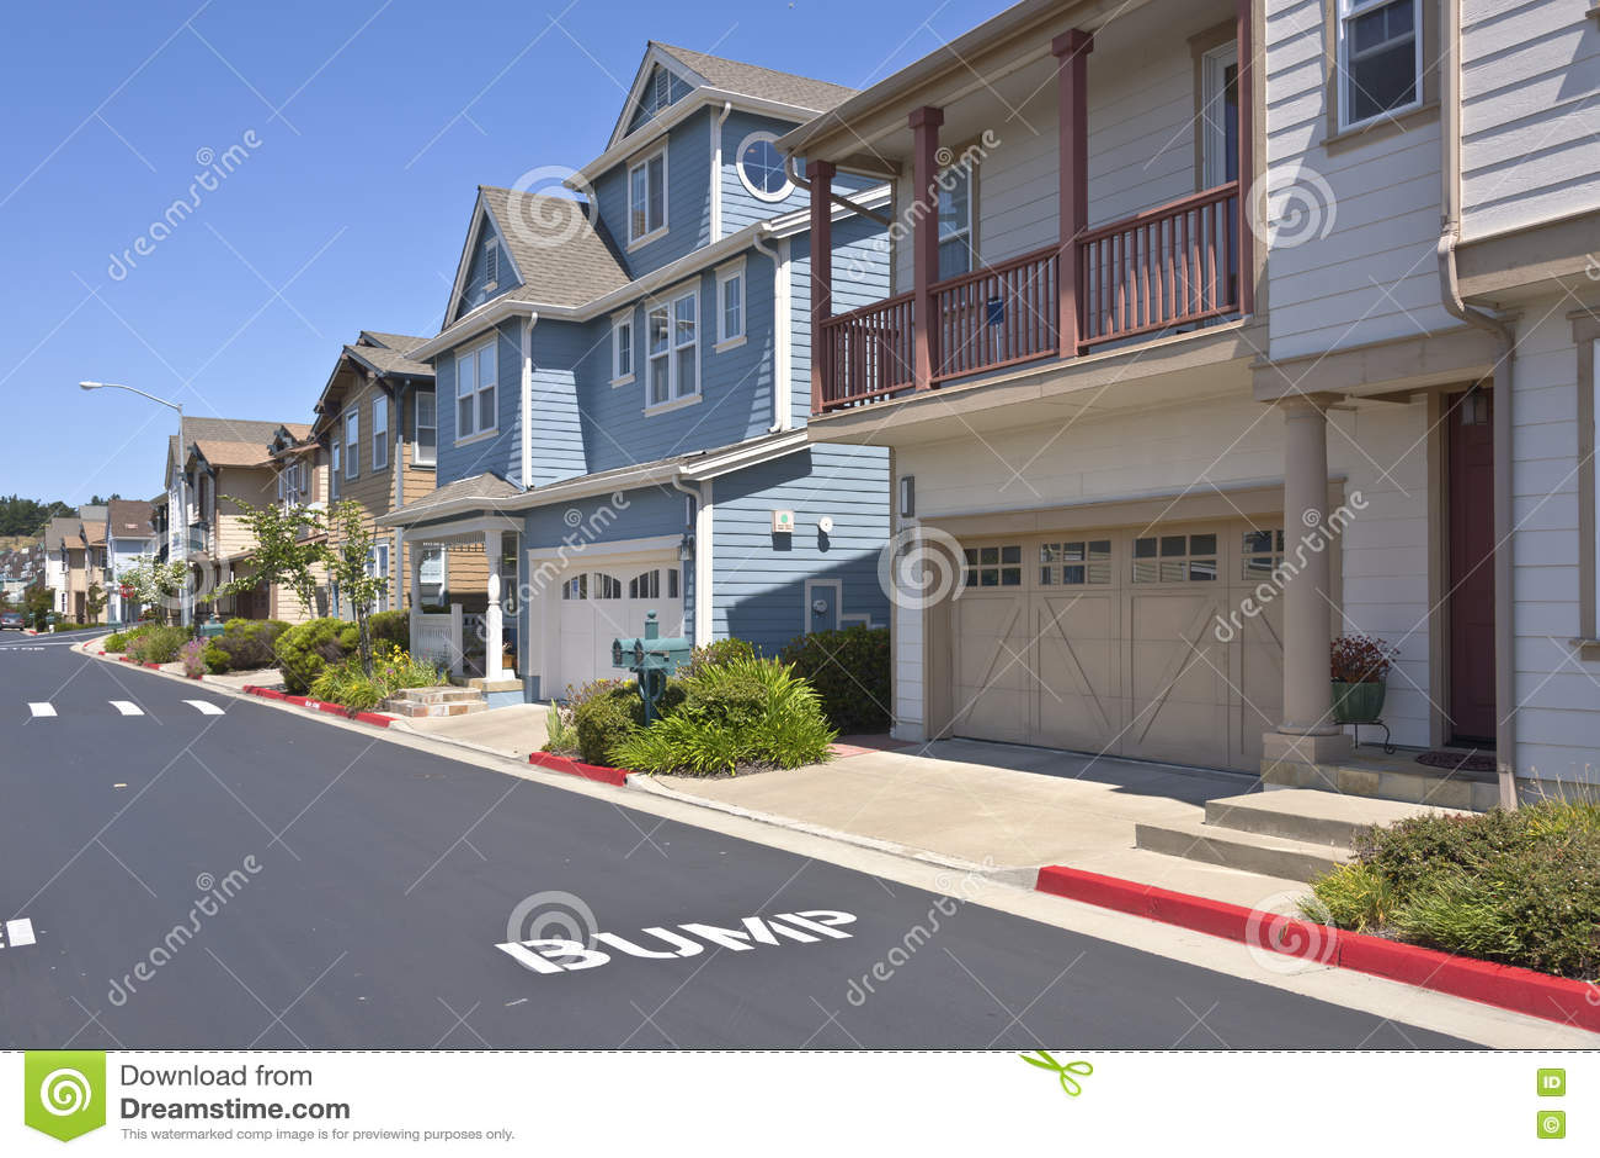 Nieuwe huizen in richmond california op een helling stock foto afbeelding 71889043 - Moderne huis op een helling ...